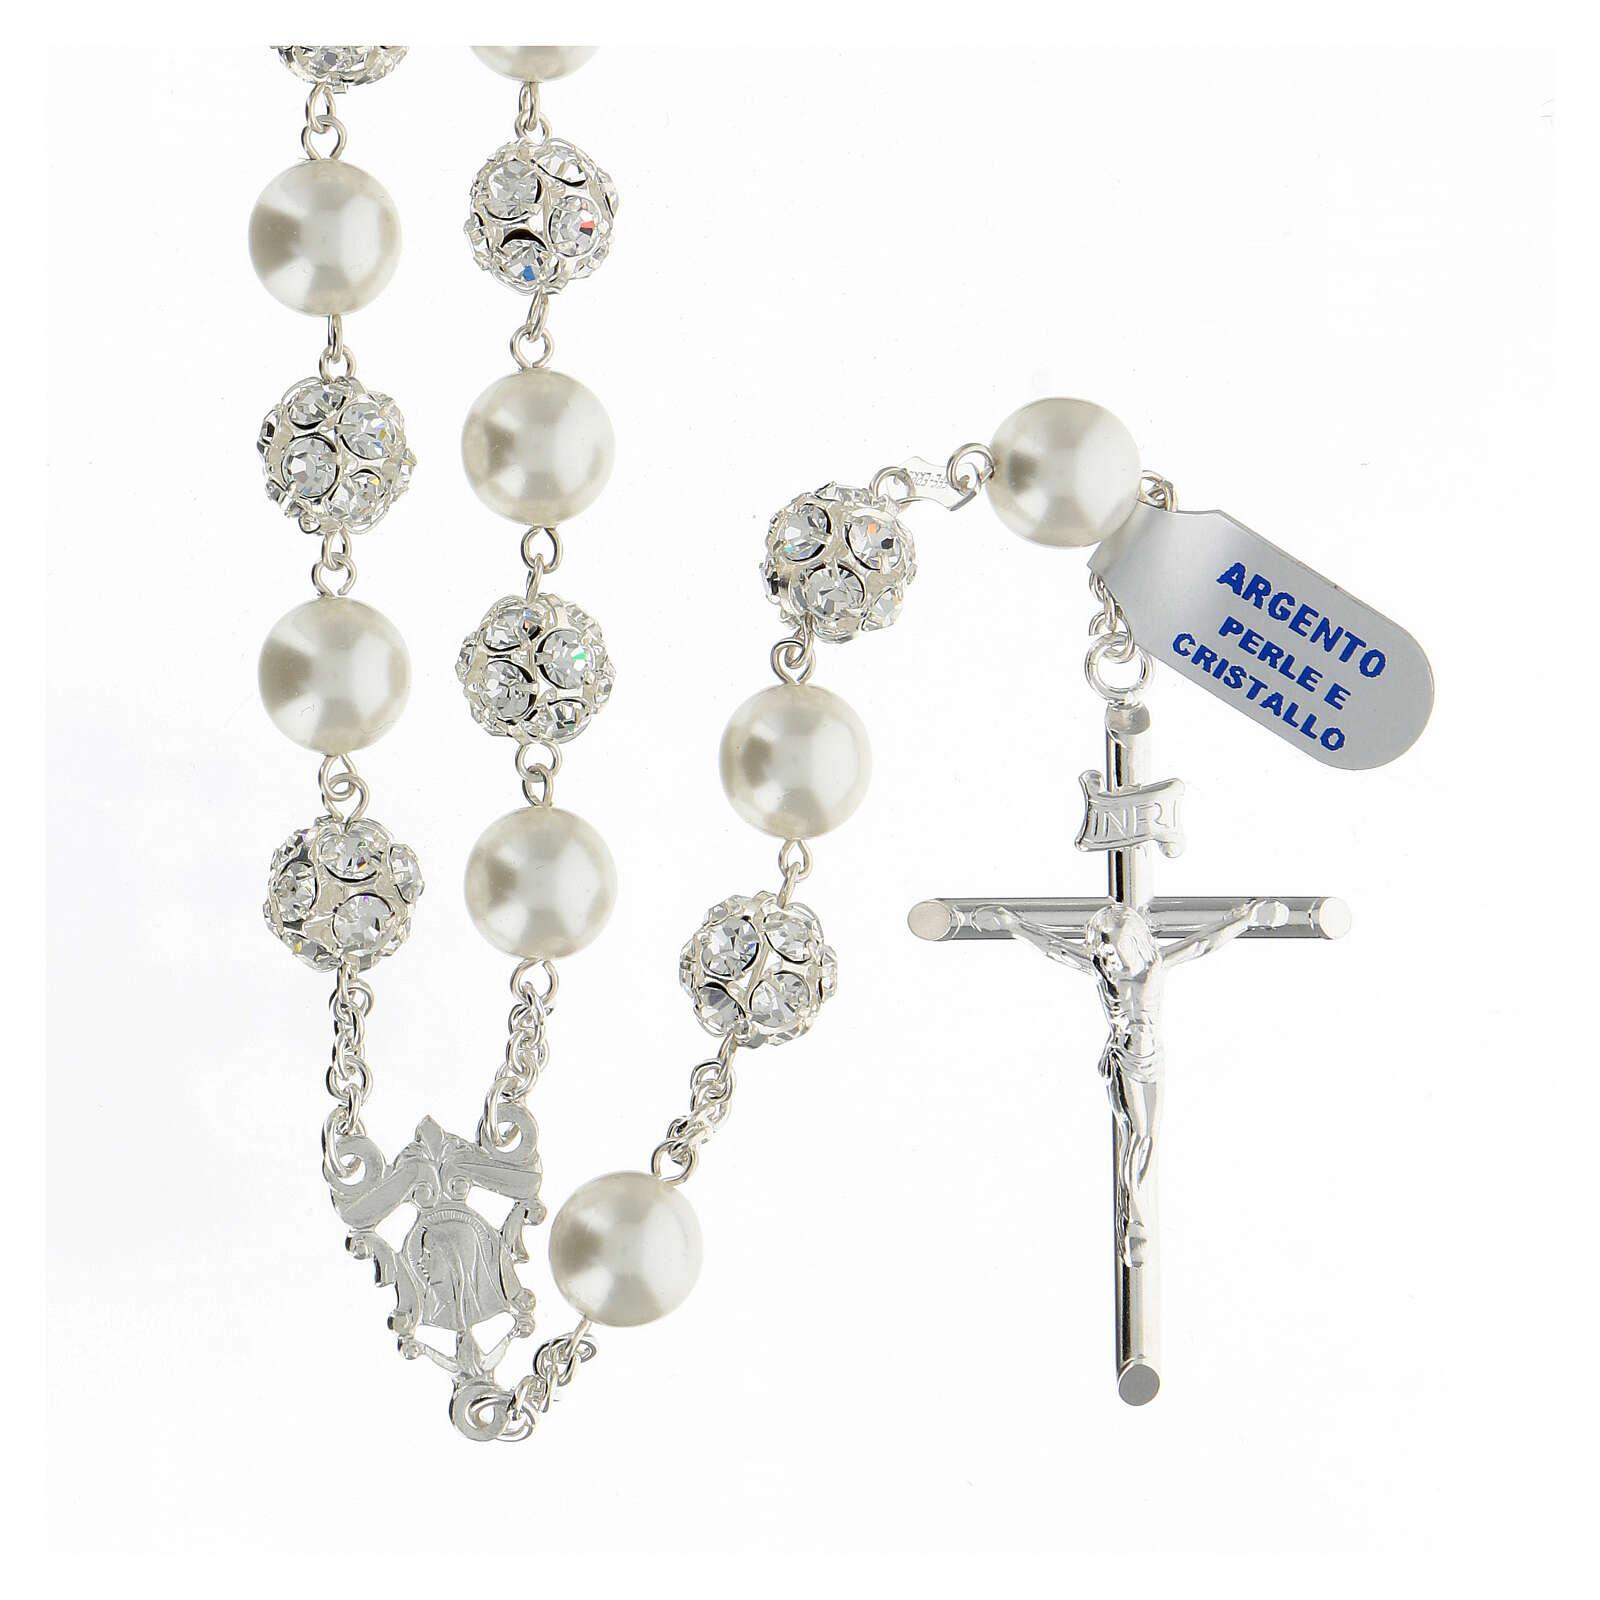 Terço prata 925 com contas pérolas e cristal 10 mm e crucifixo tubular 4